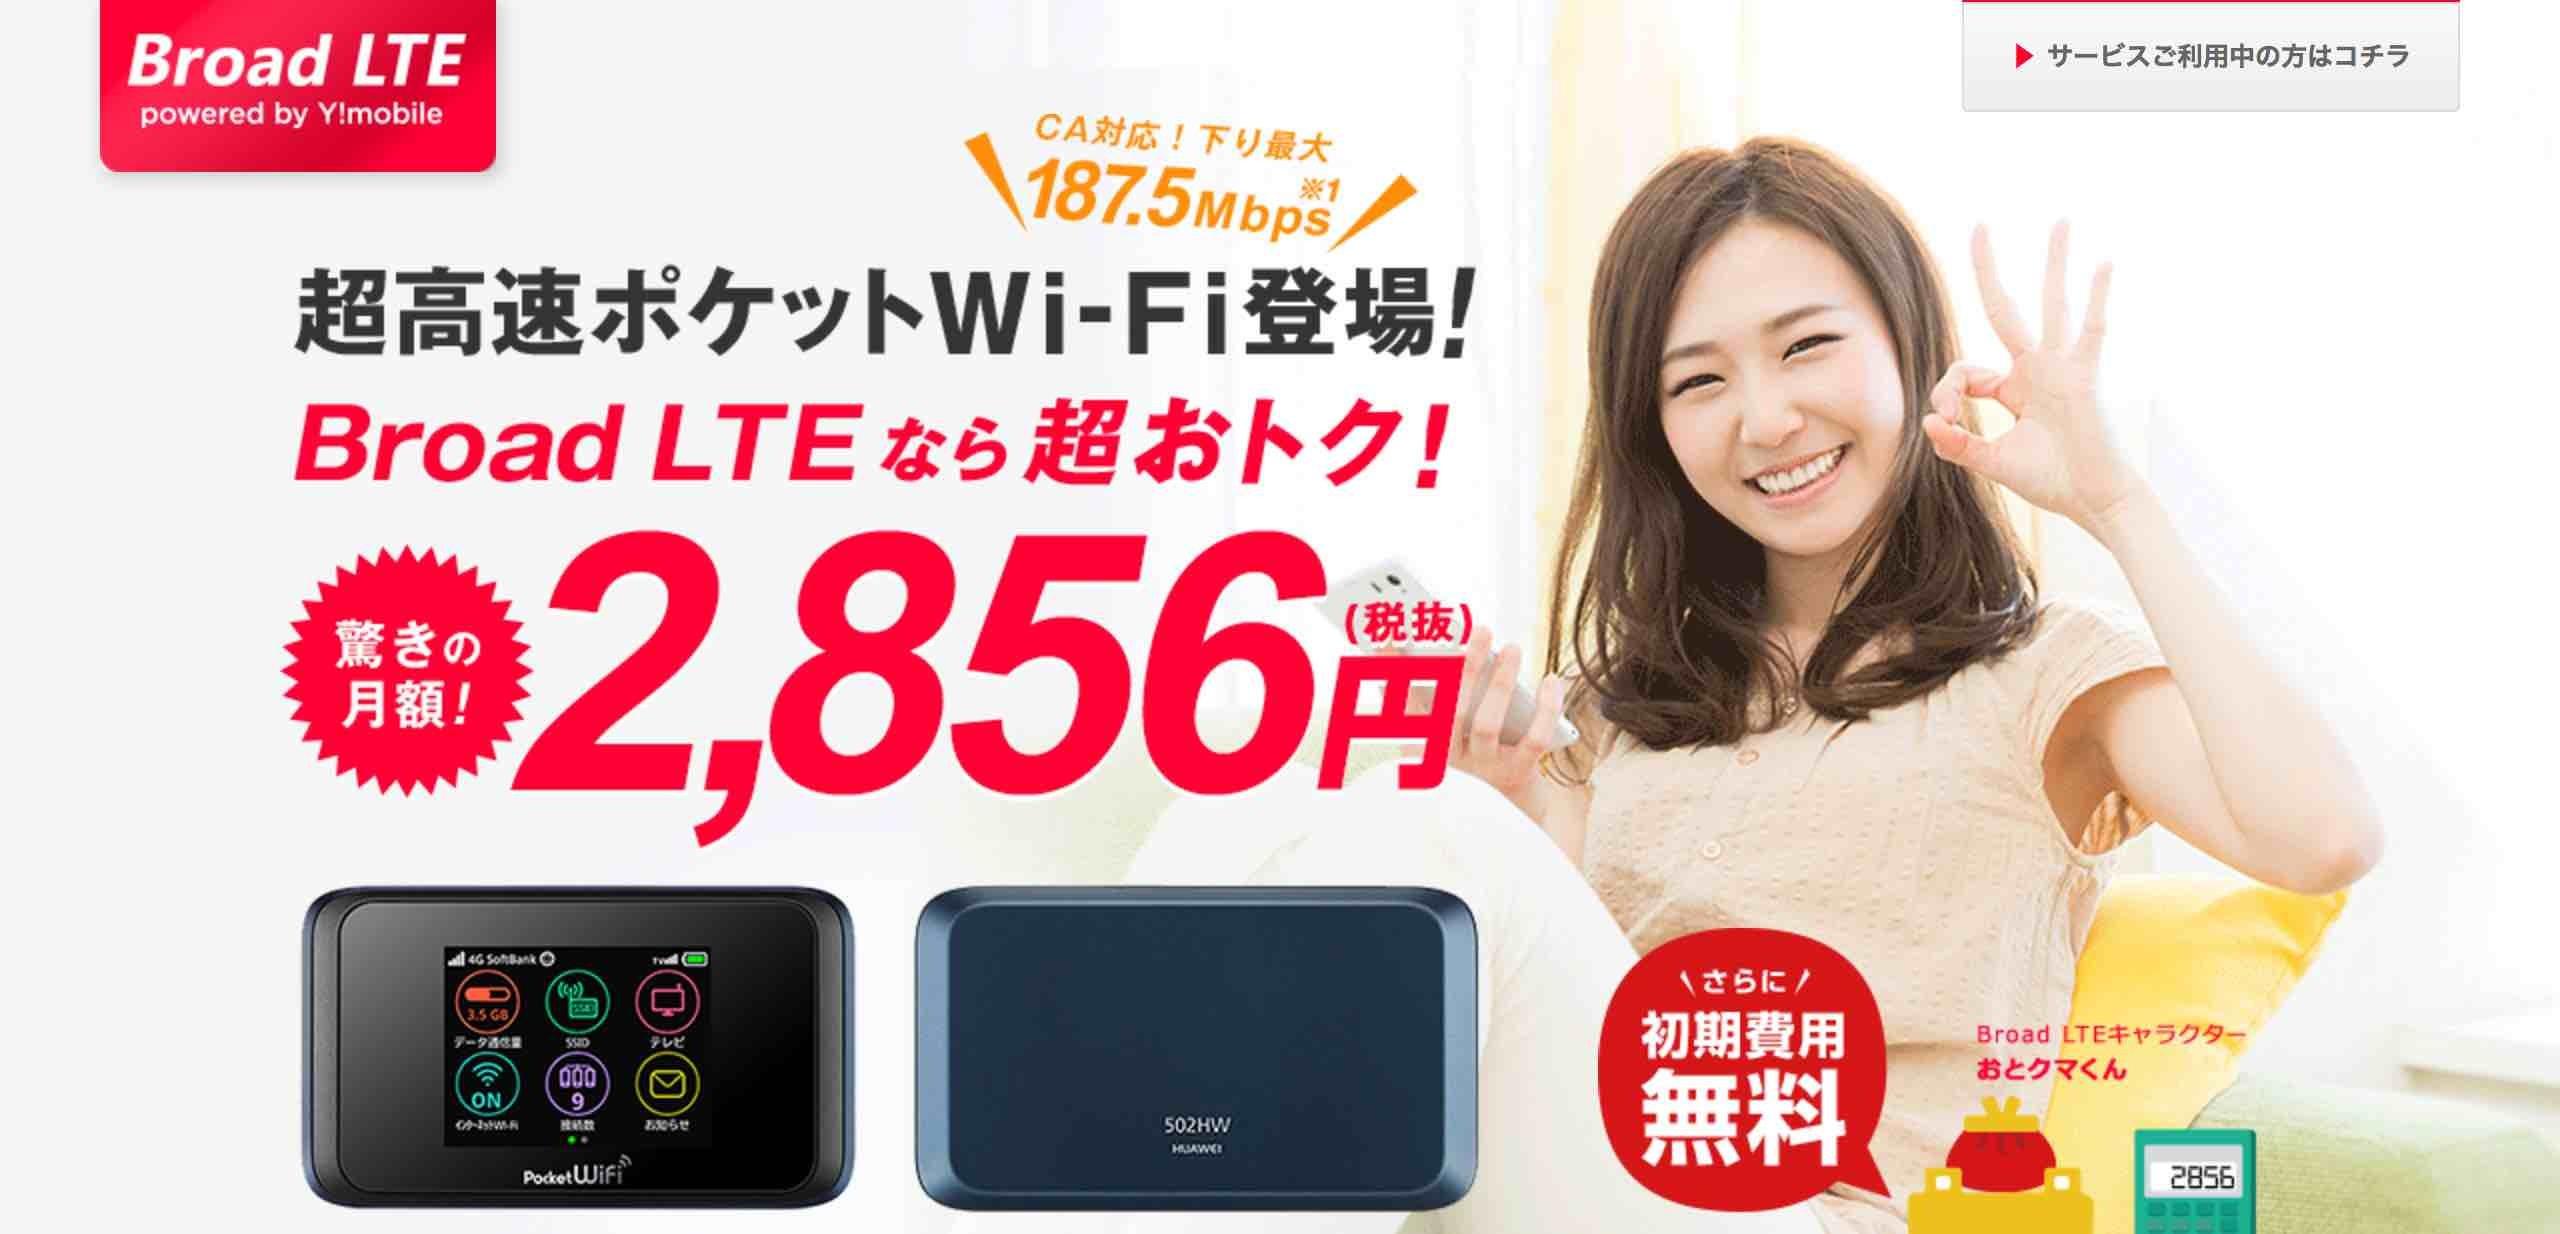 Broad LTE(ワイモバイル)